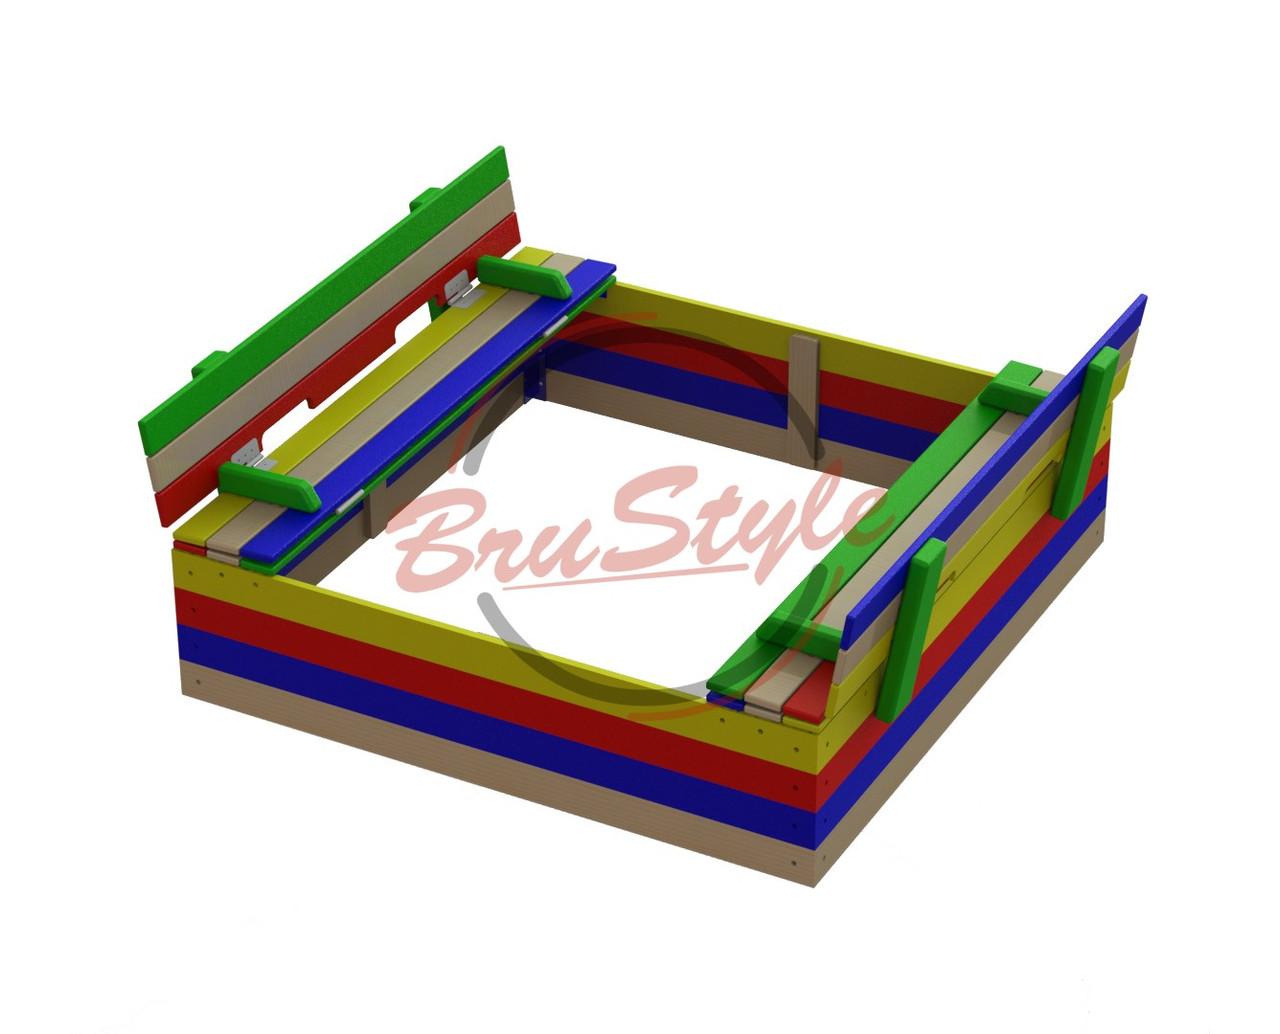 Песочница с крышкой-сидениями BruStyle DIO233.5